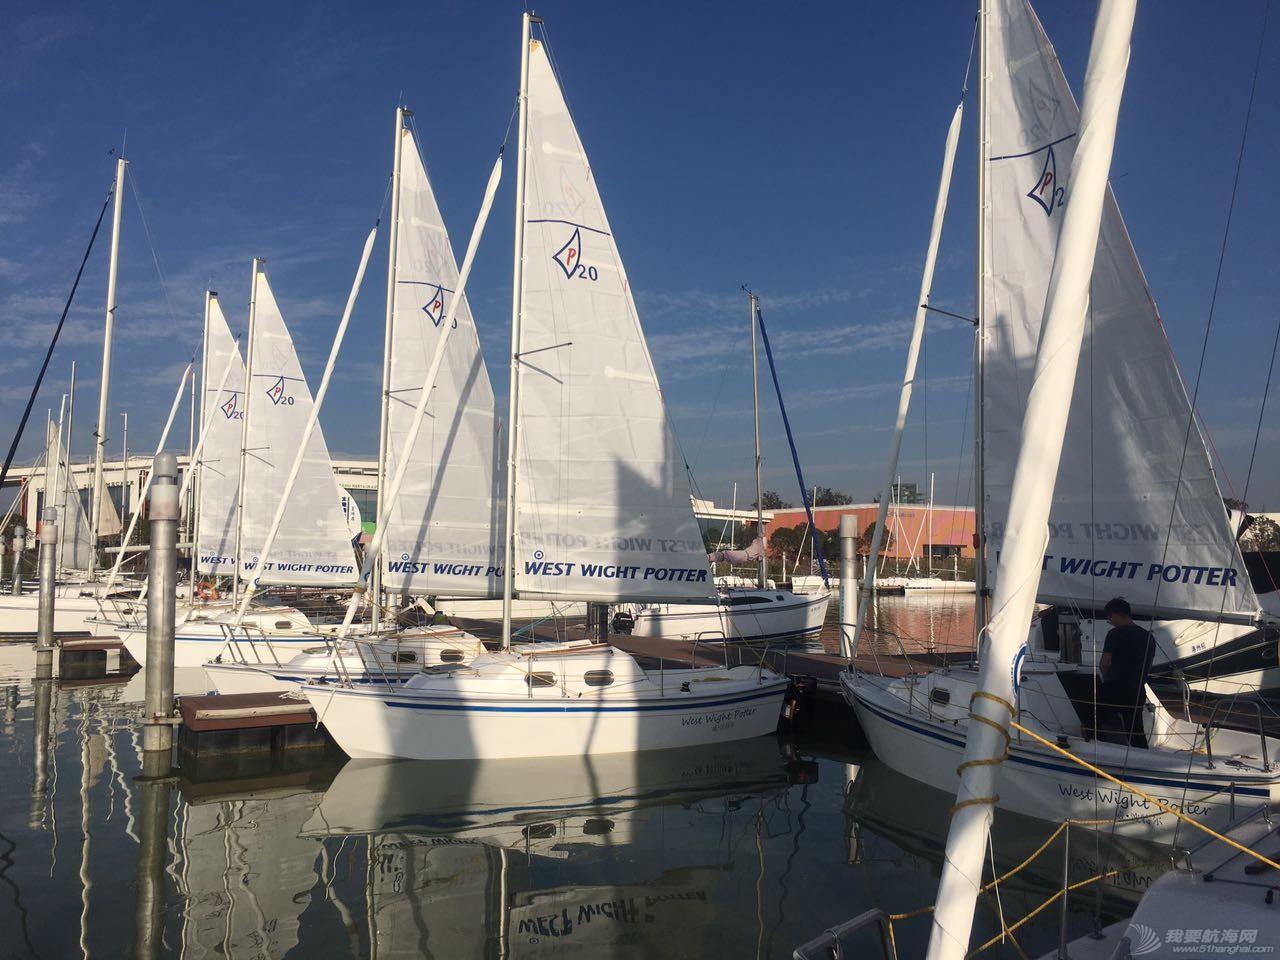 美国威波特尔20尺休闲帆船